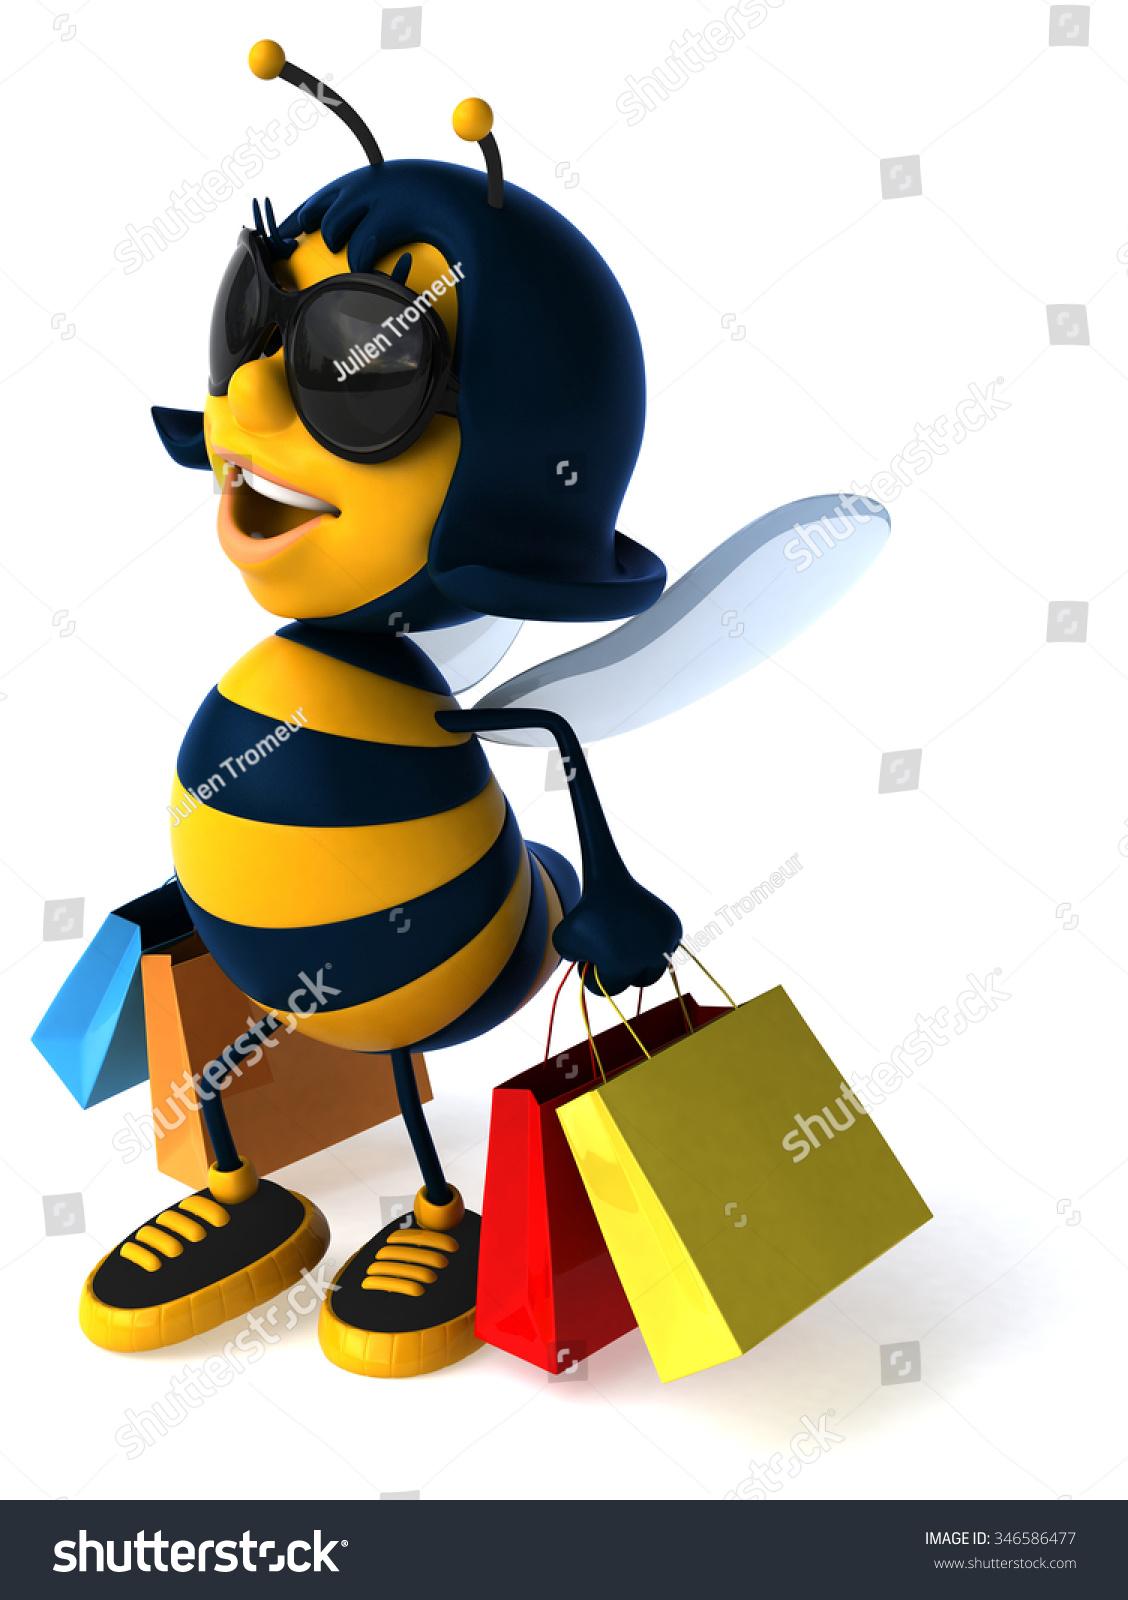 有趣的蜜蜂-动物/野生生物,符号/标志-海洛创意()-合.